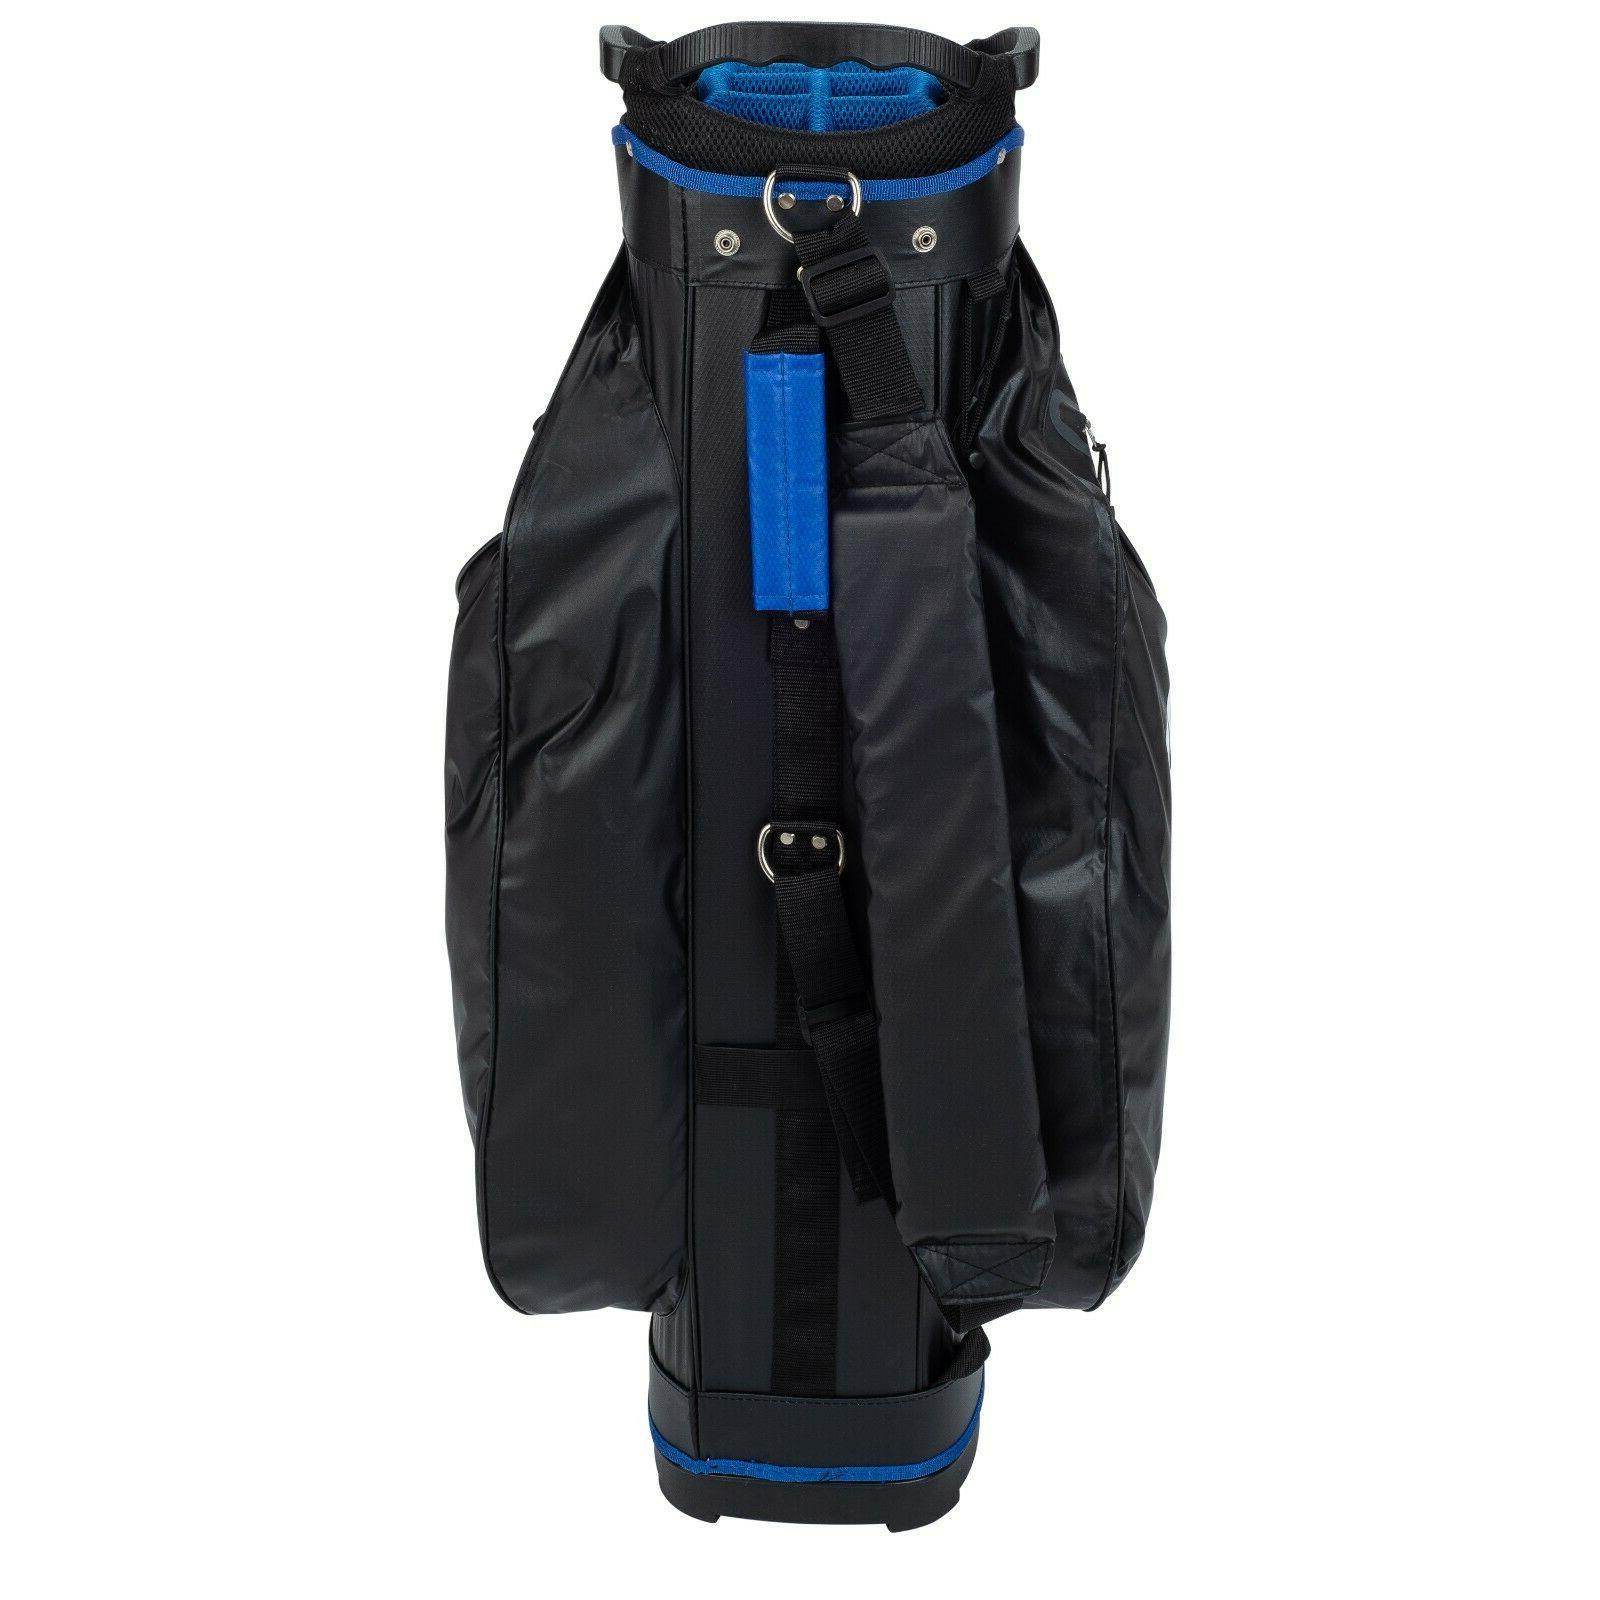 Founders Club Golf Cart Bag Light Weight 14 Divider